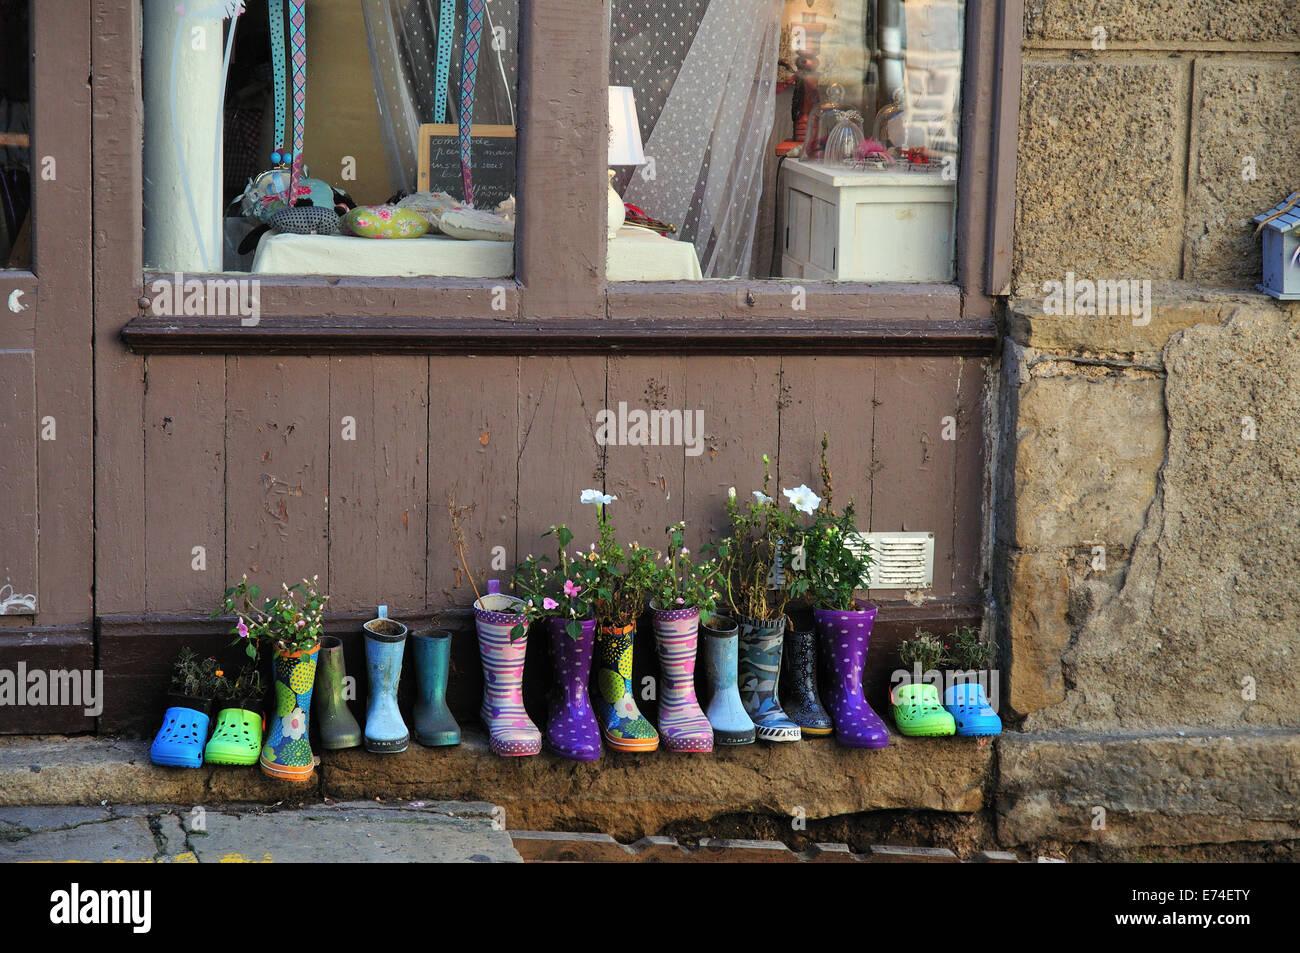 Gummistiefel und Schuhe vor einem Geschäft in Estaing, Frankreich Stockbild